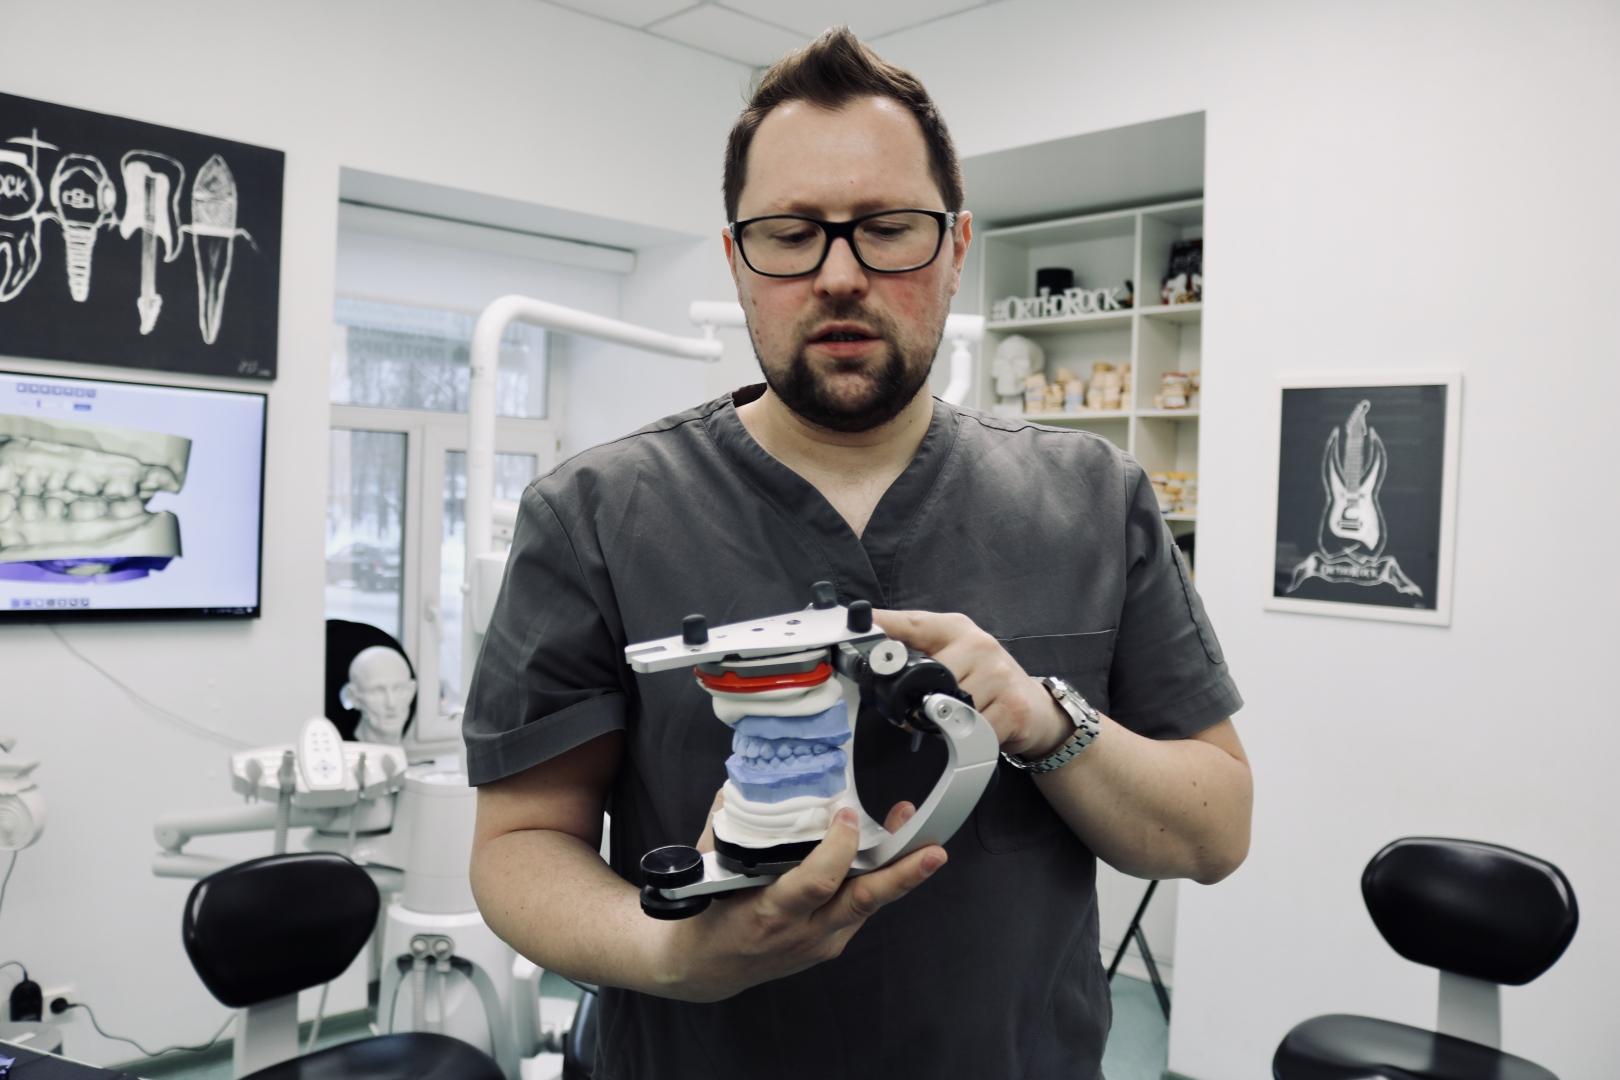 Станислав рассказывает о новых технологиях в стоматологии